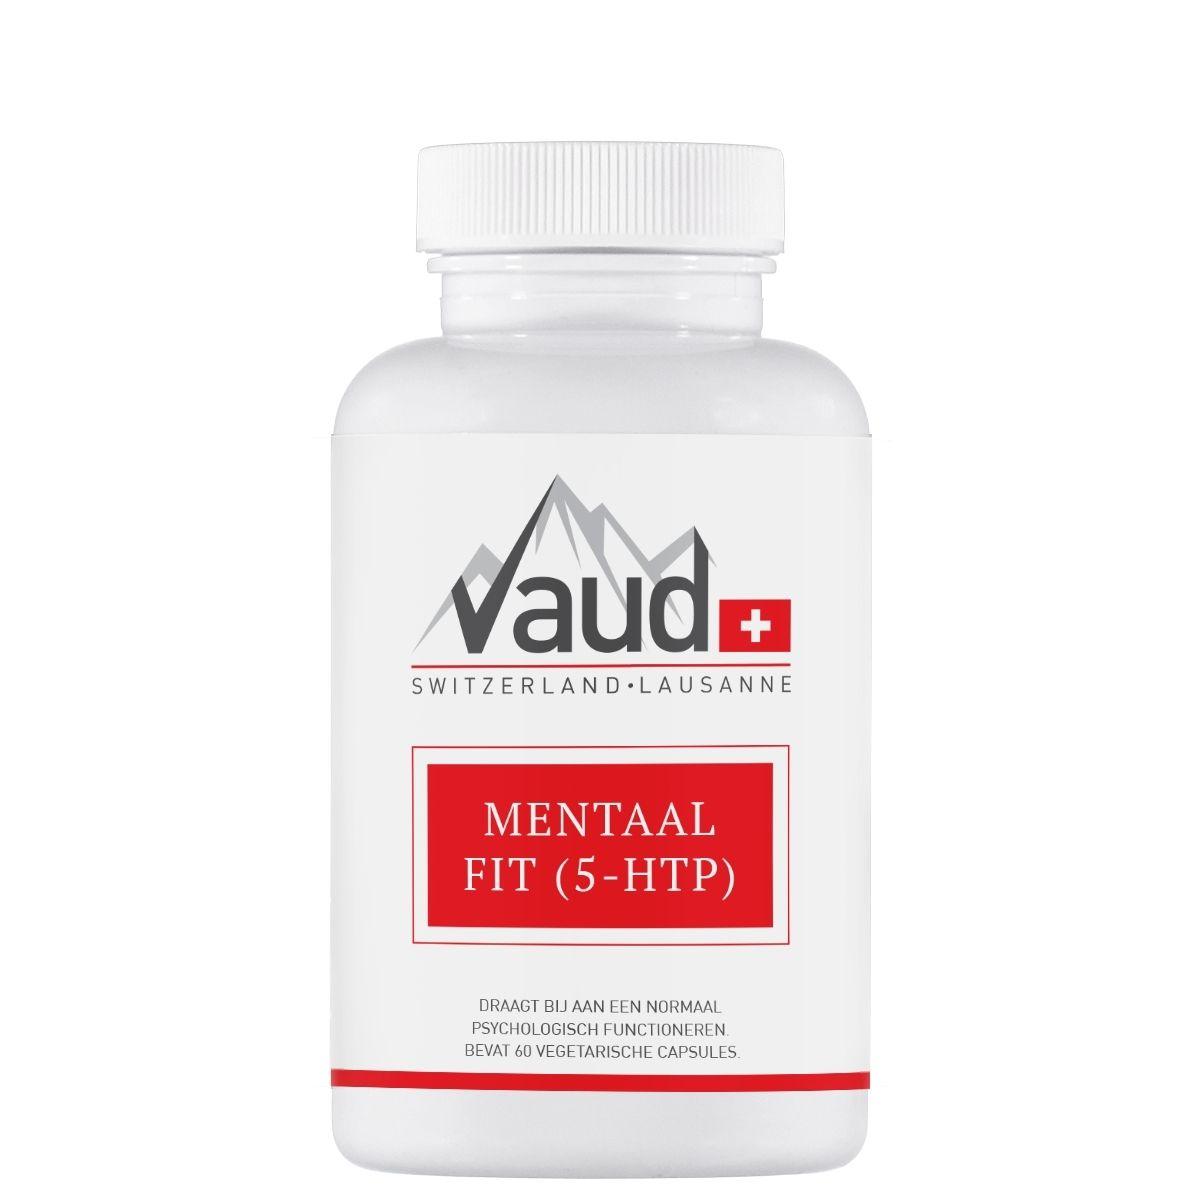 supplement met 5-htp